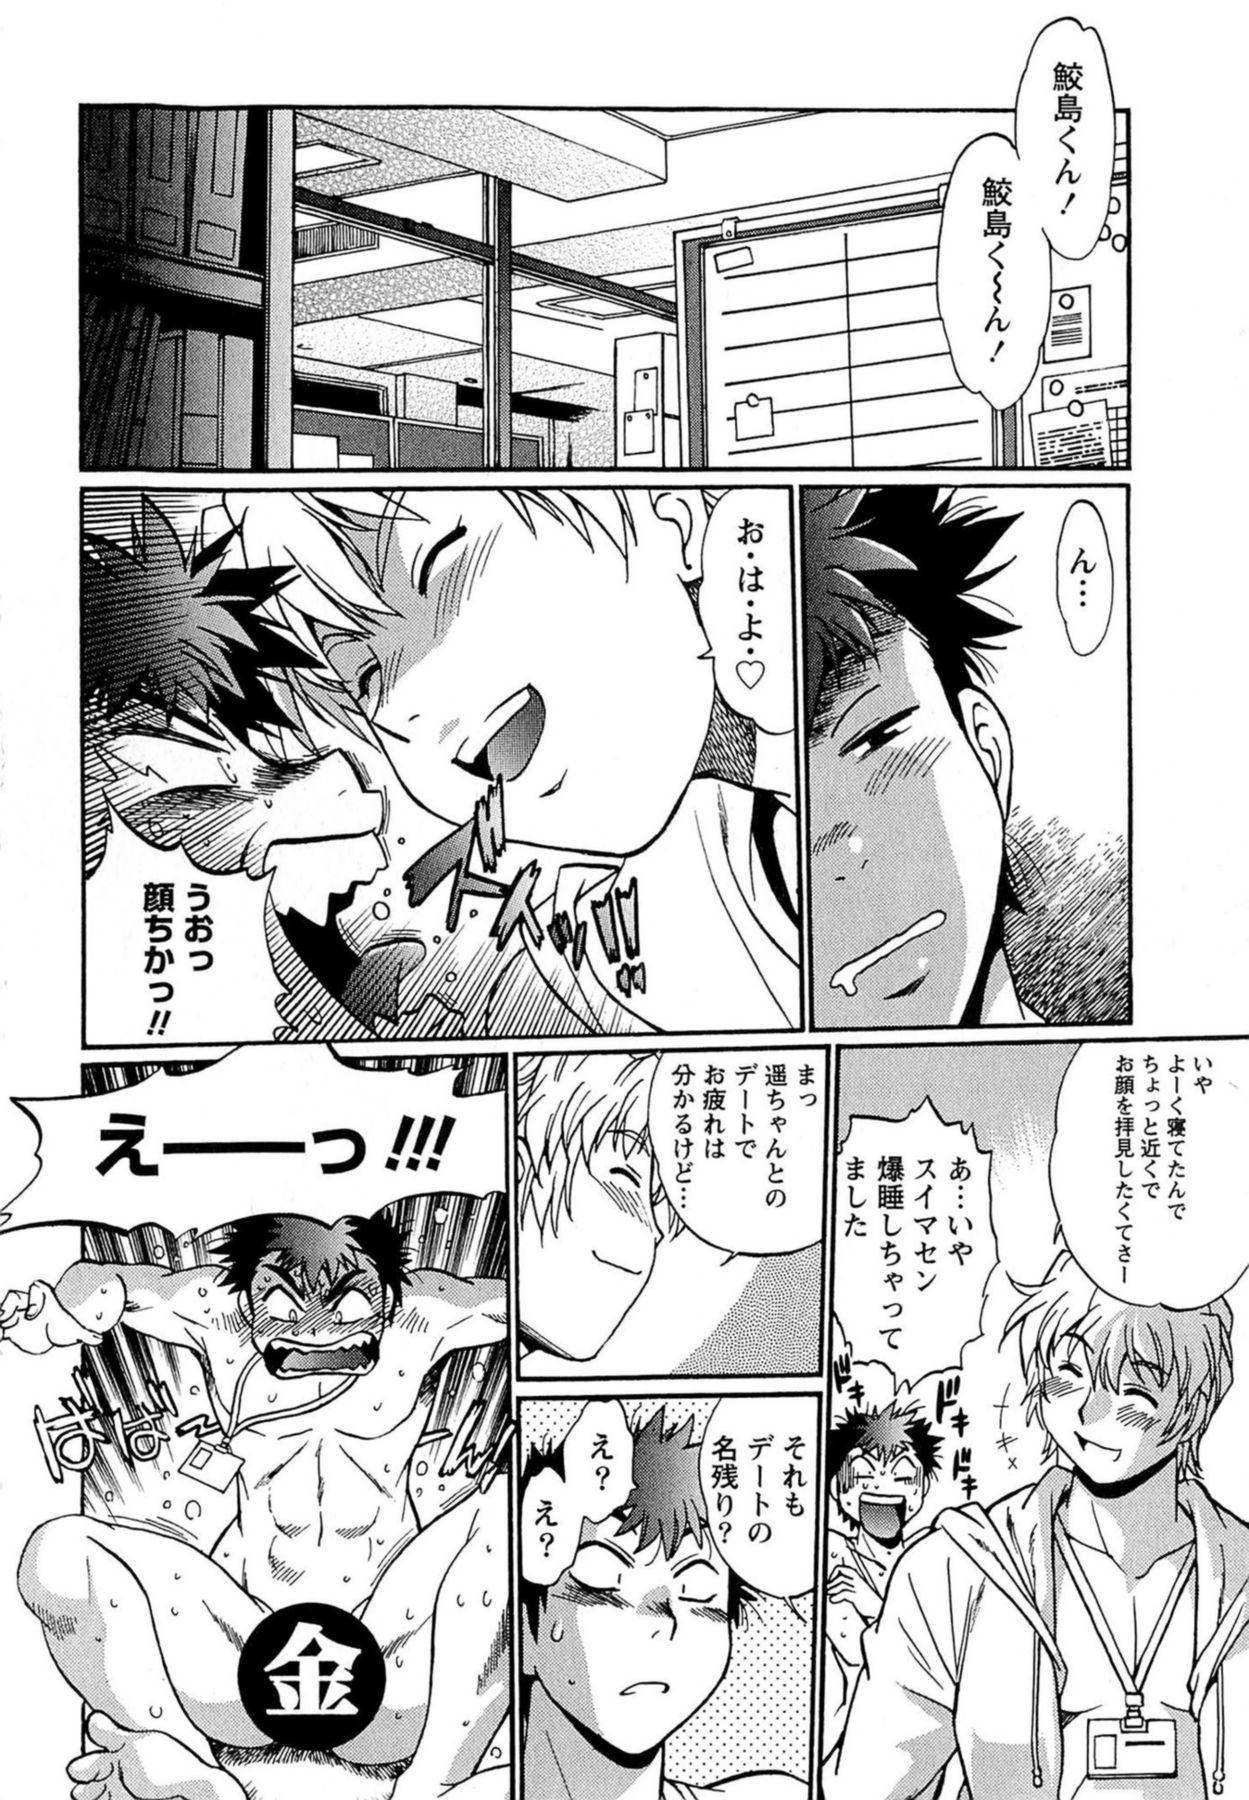 Kuikomi wo Naoshiteru Hima wa Nai! Vol. 1 182